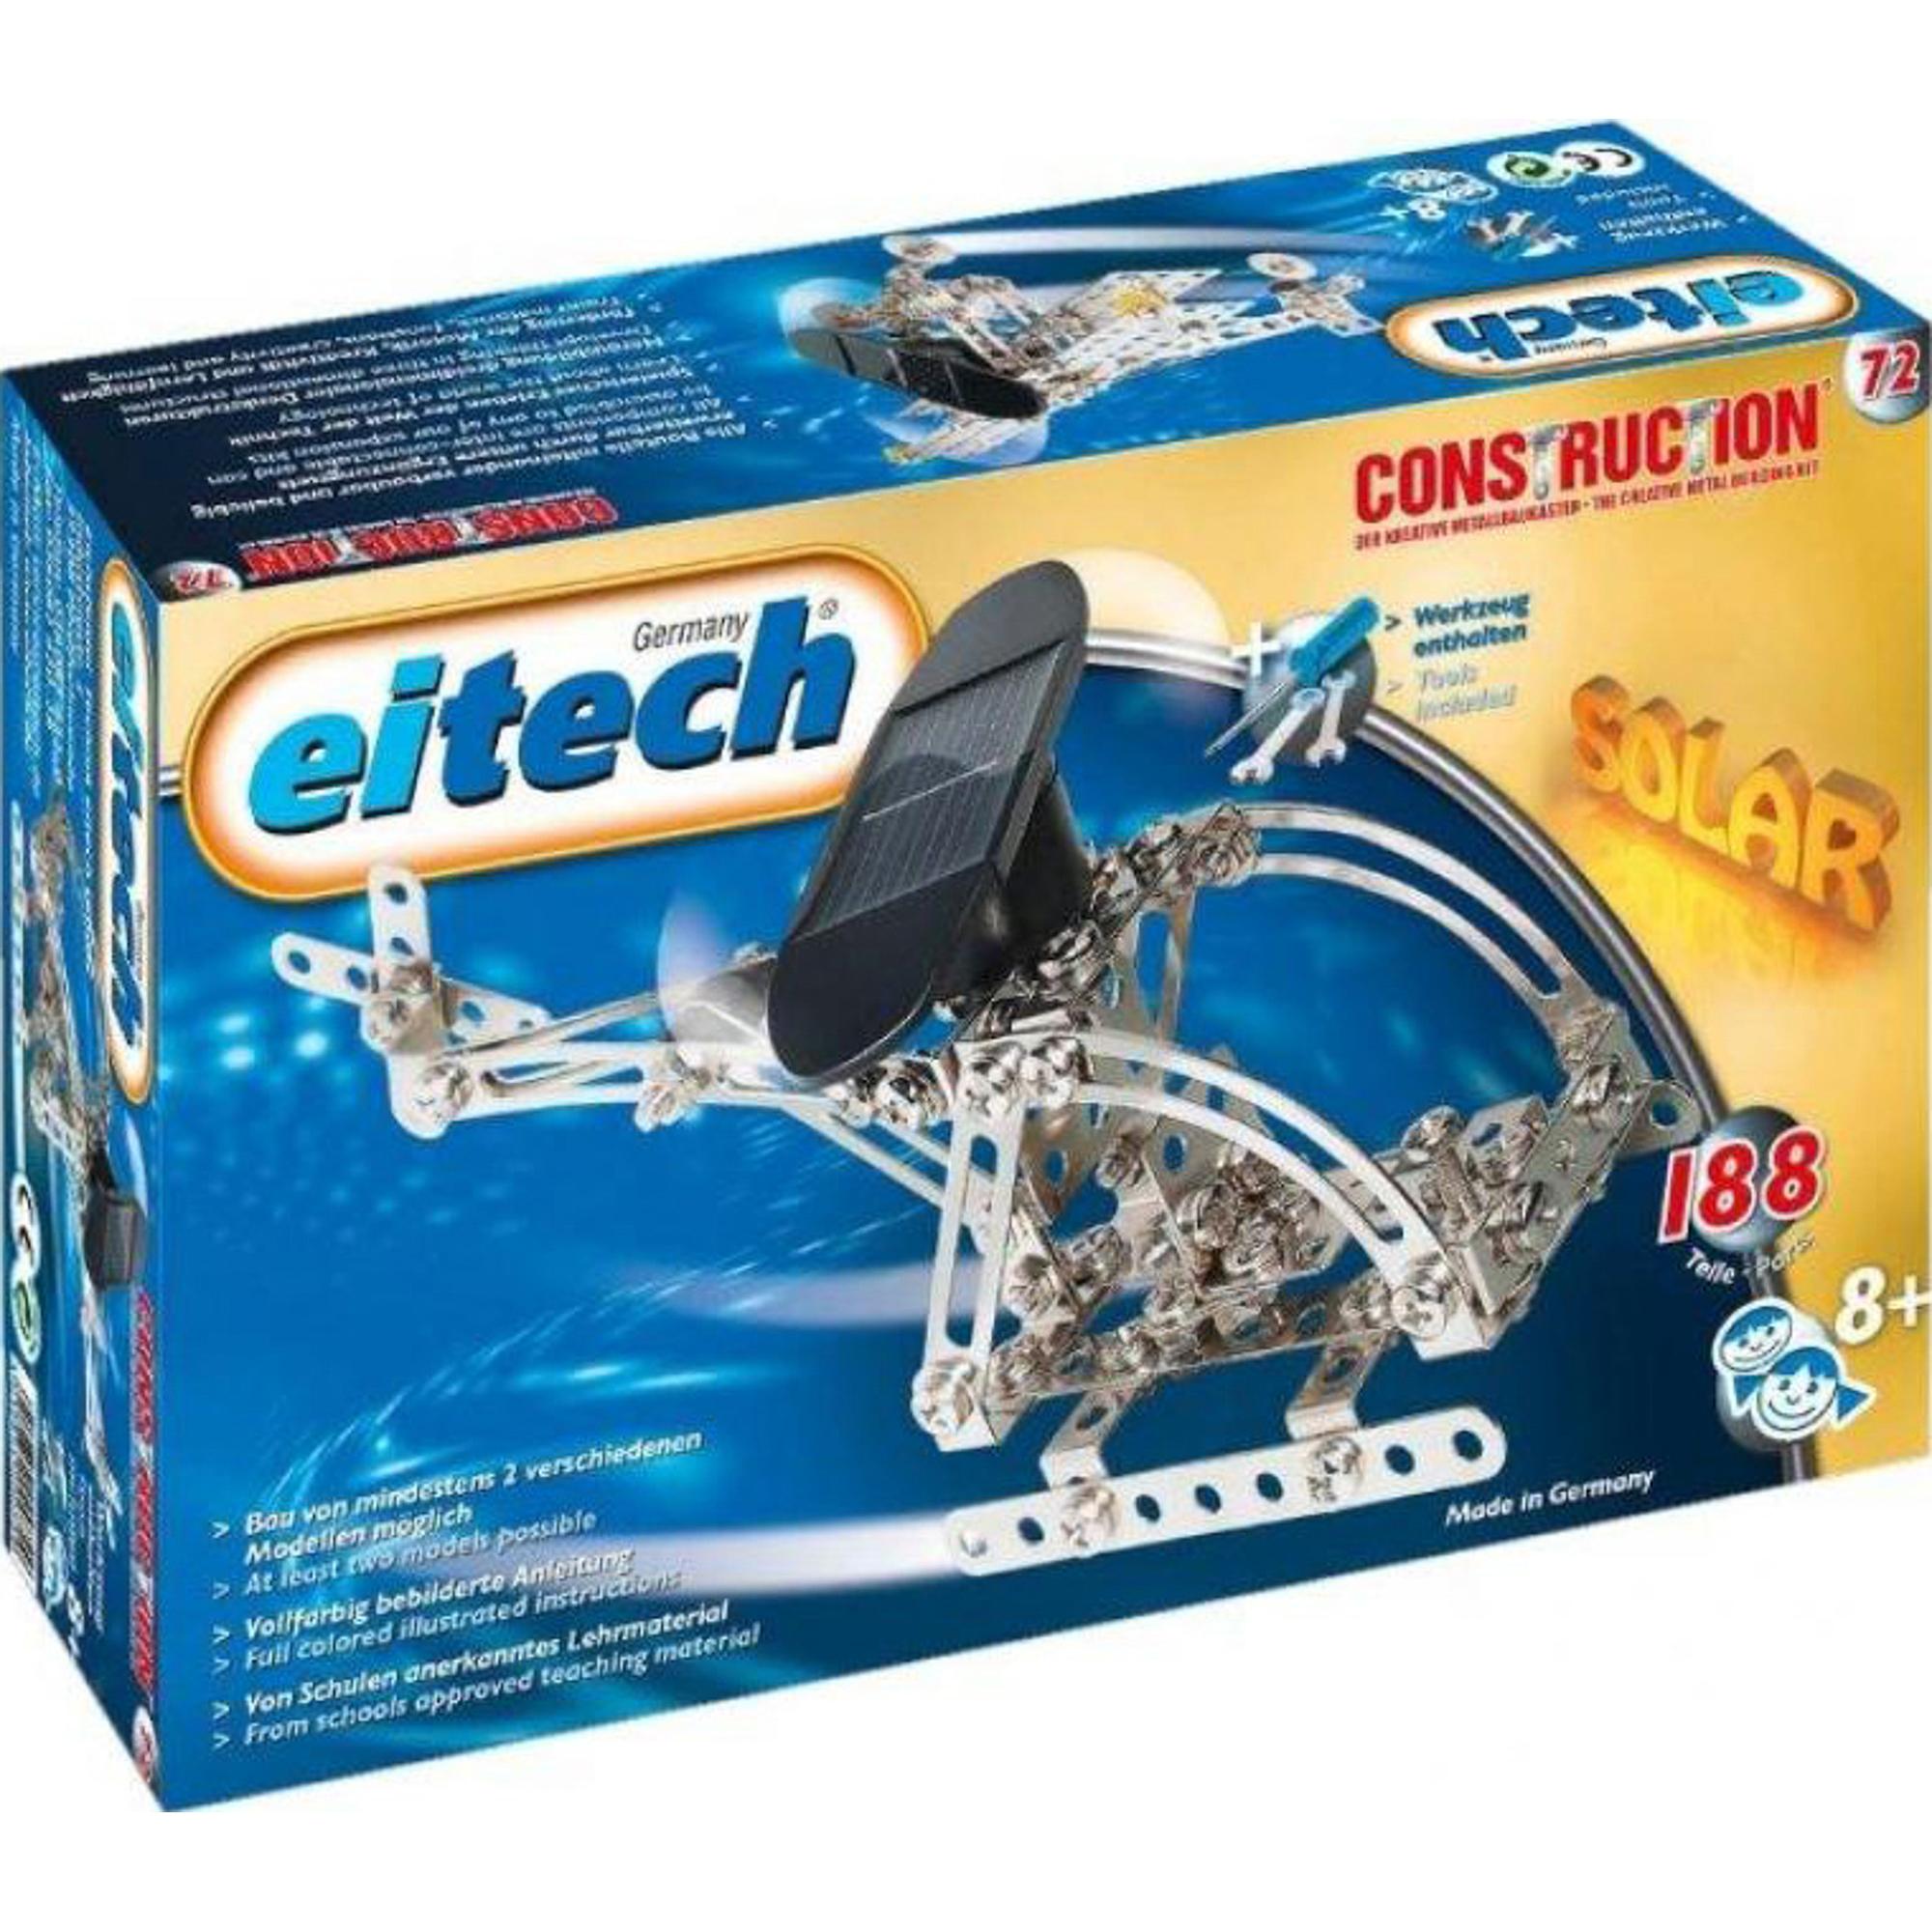 Купить Конструктор Eitech Вертолет, Германия, металл, для мальчиков, Конструкторы, пазлы